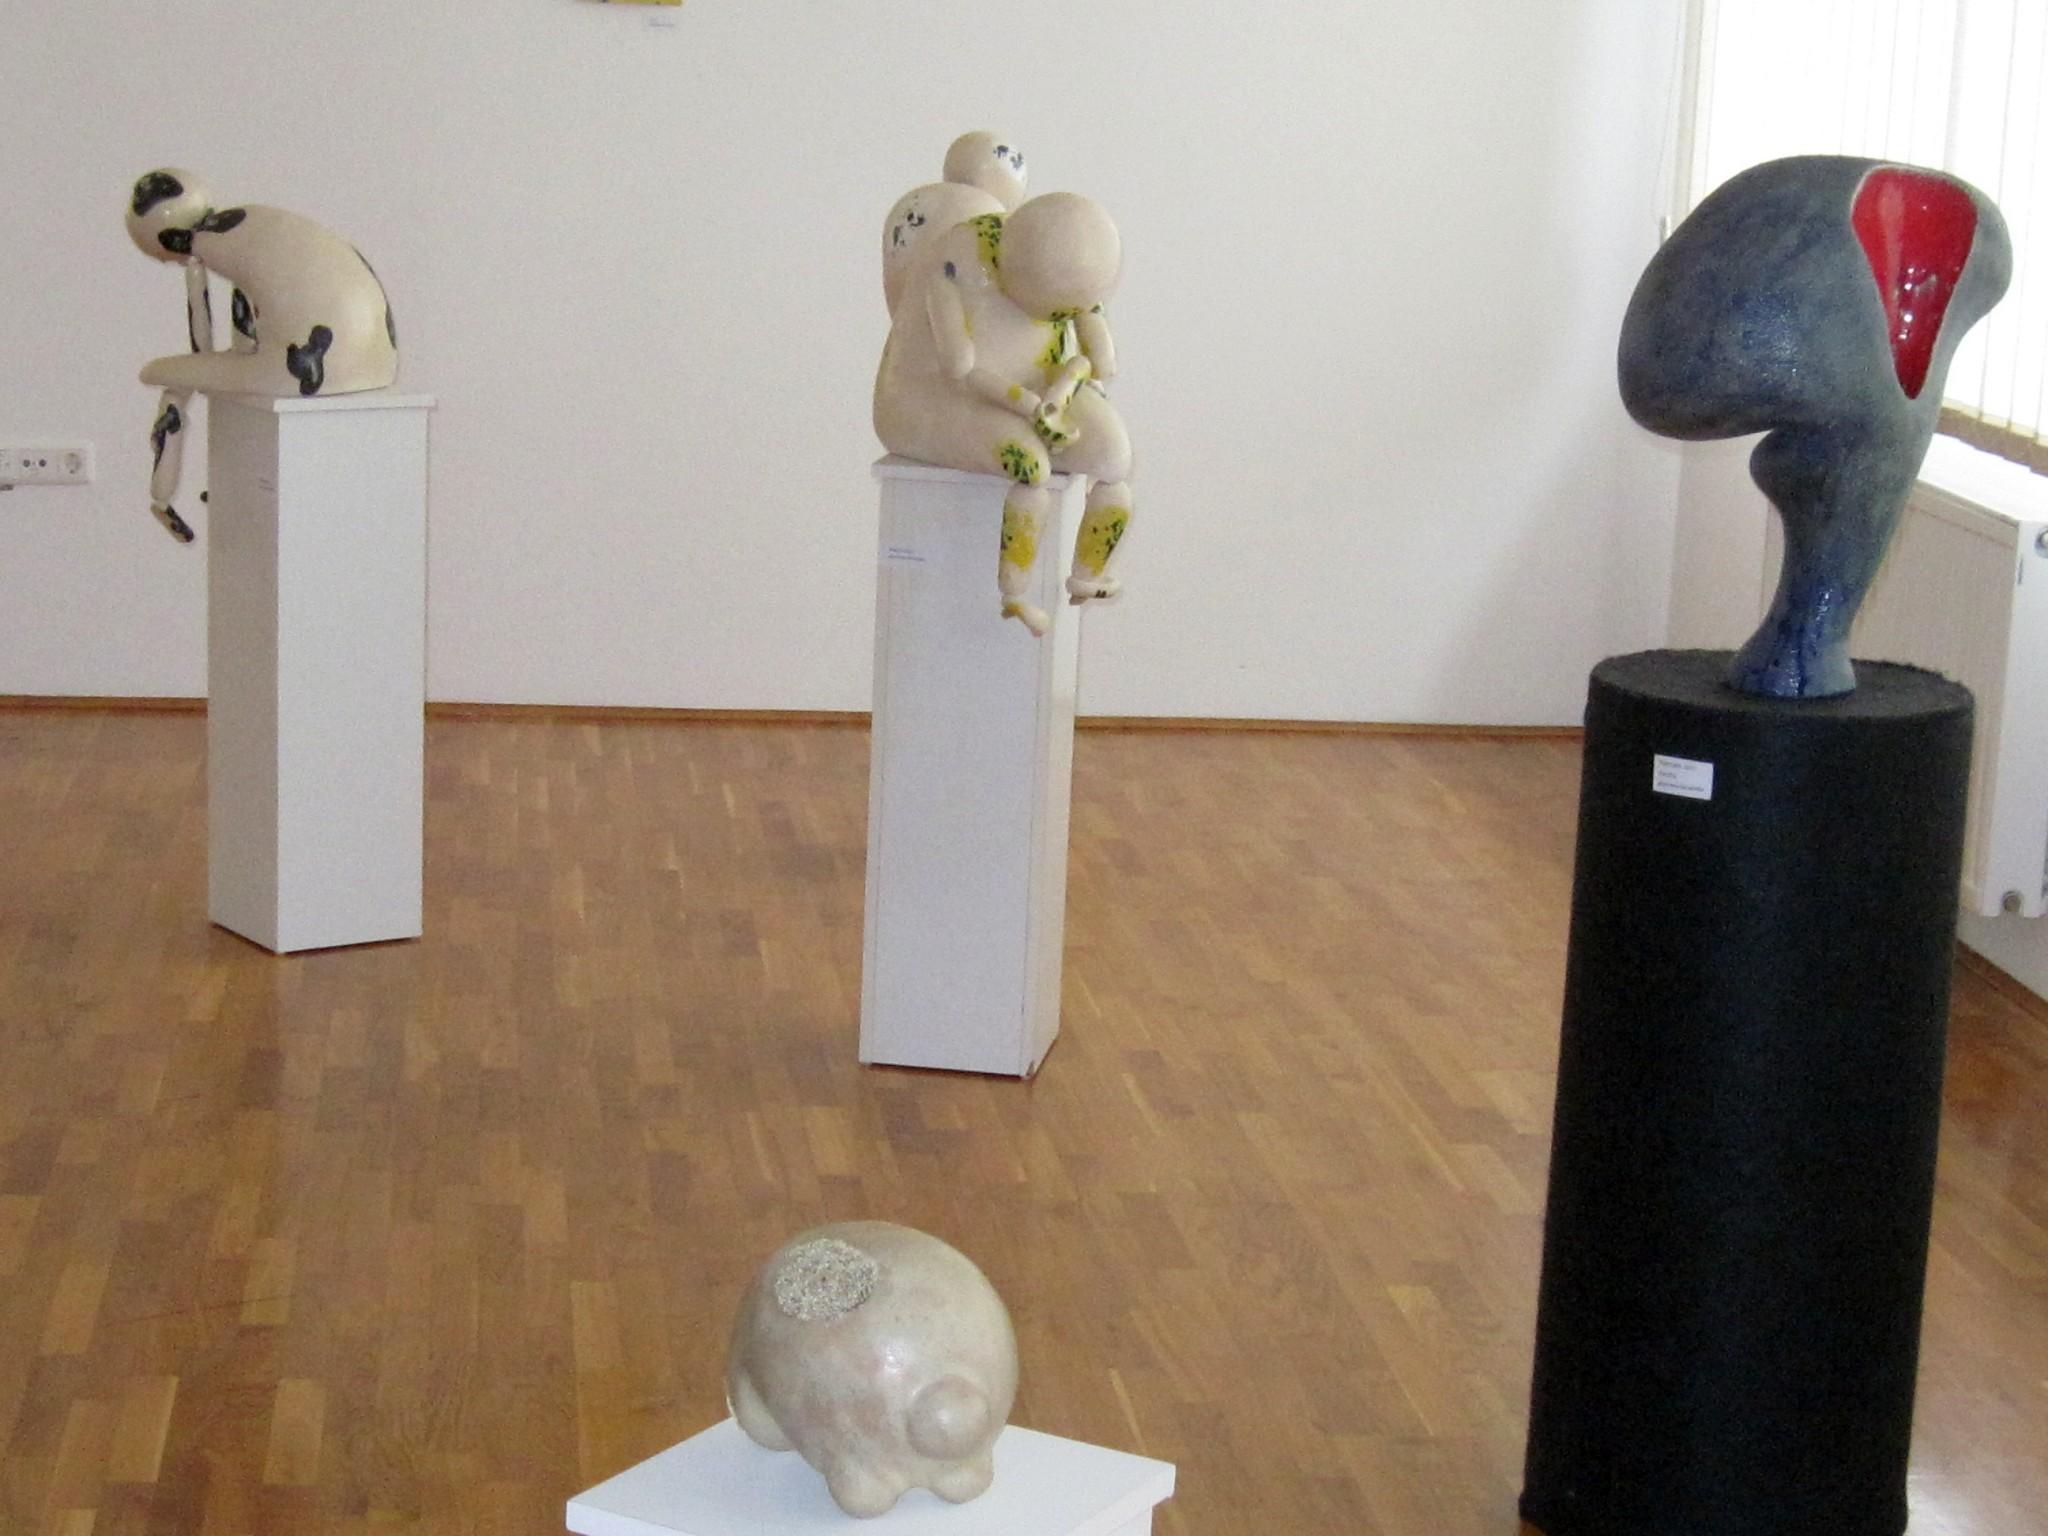 IMG 2258 - Anja Lautar - kiparska razstava